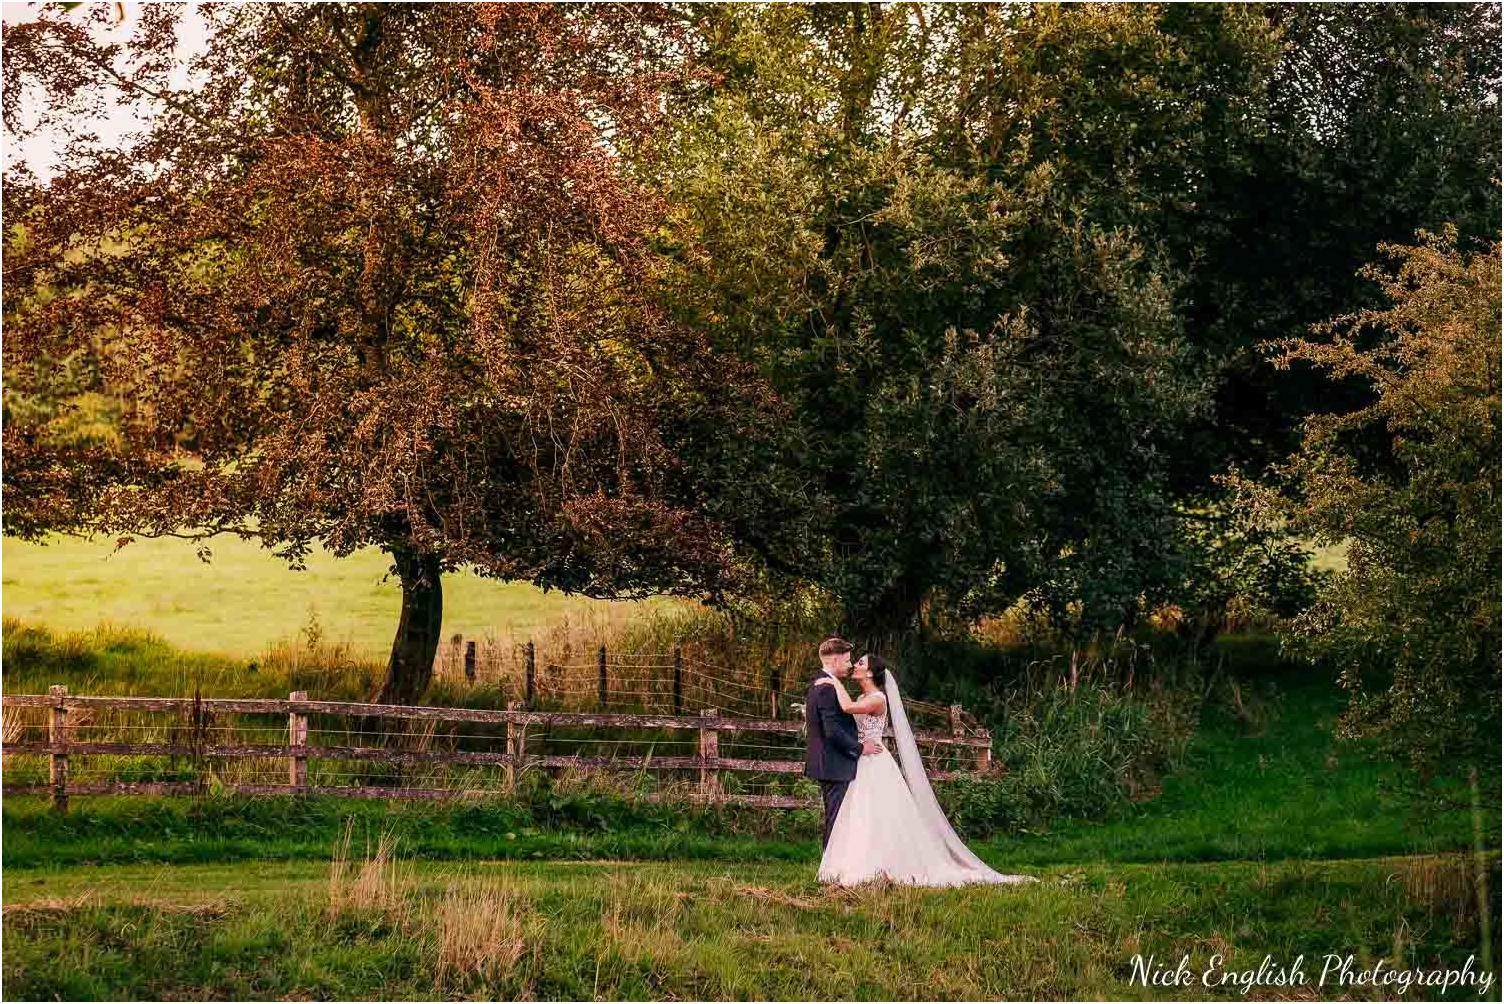 Browsholme_Hall_Barn_Wedding_Nick_English_Photography-170.jpg